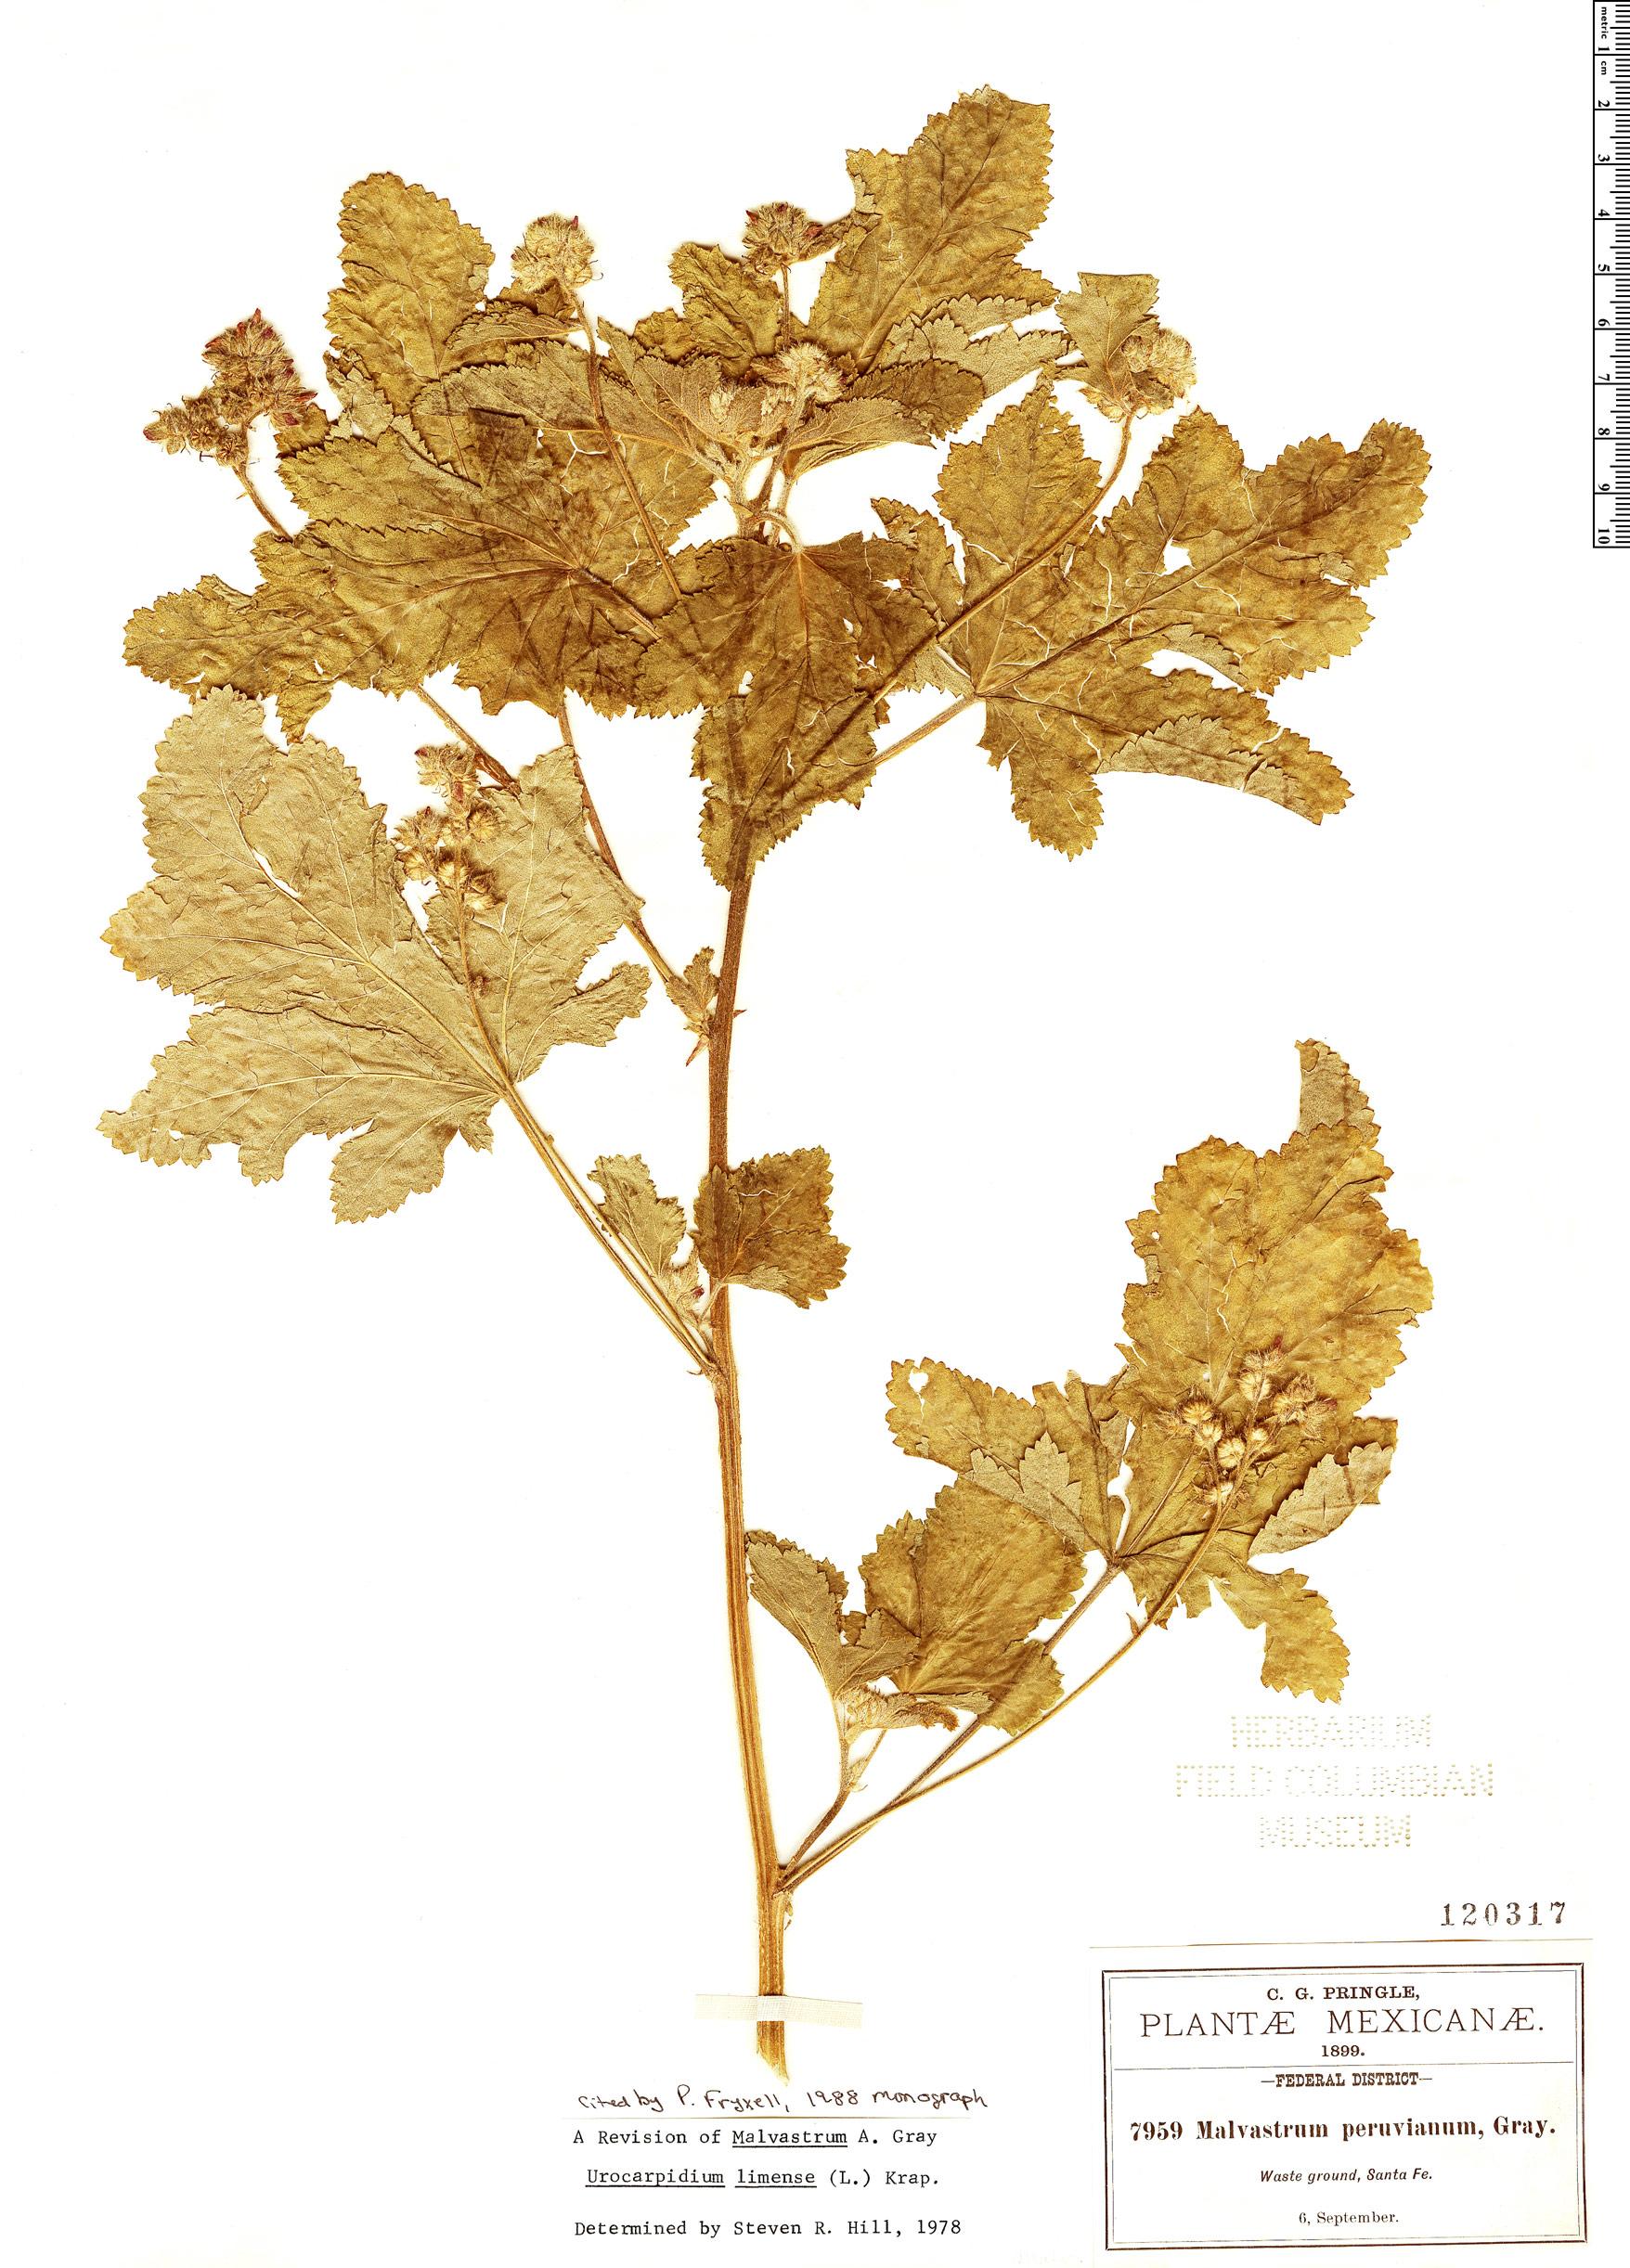 Specimen: Fuertesimalva limensis